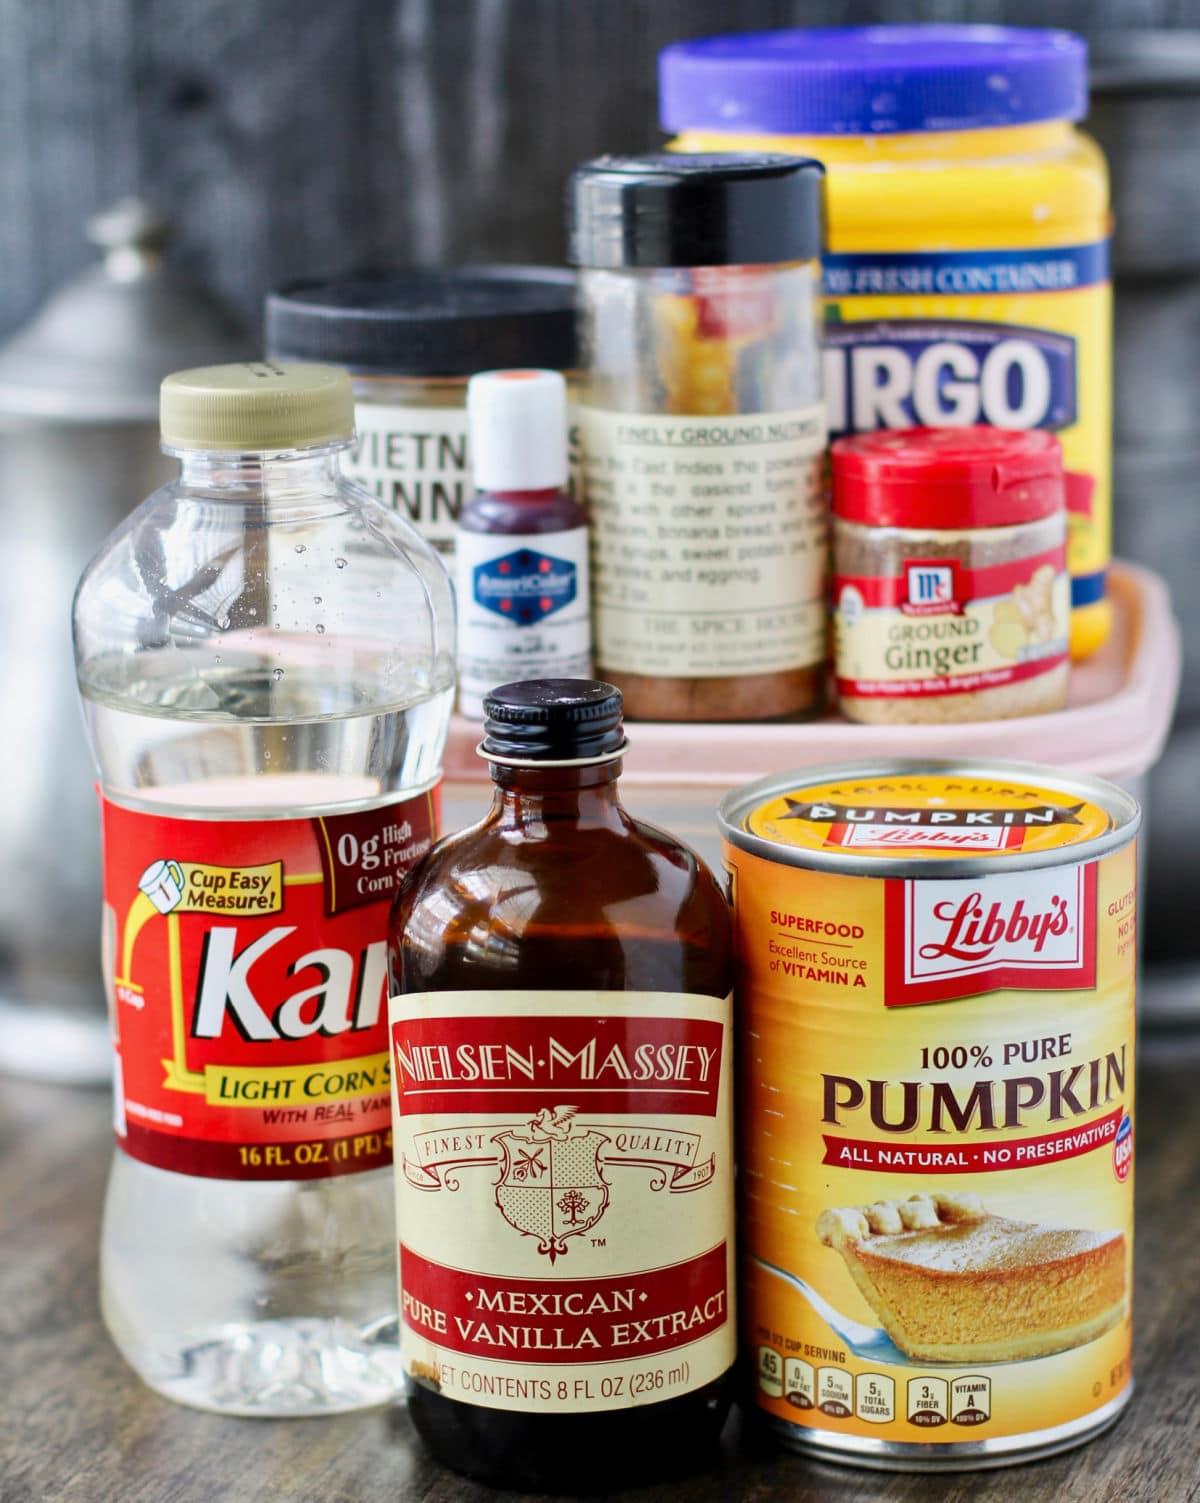 Pumpkin Spice Marshmallow ingredients.